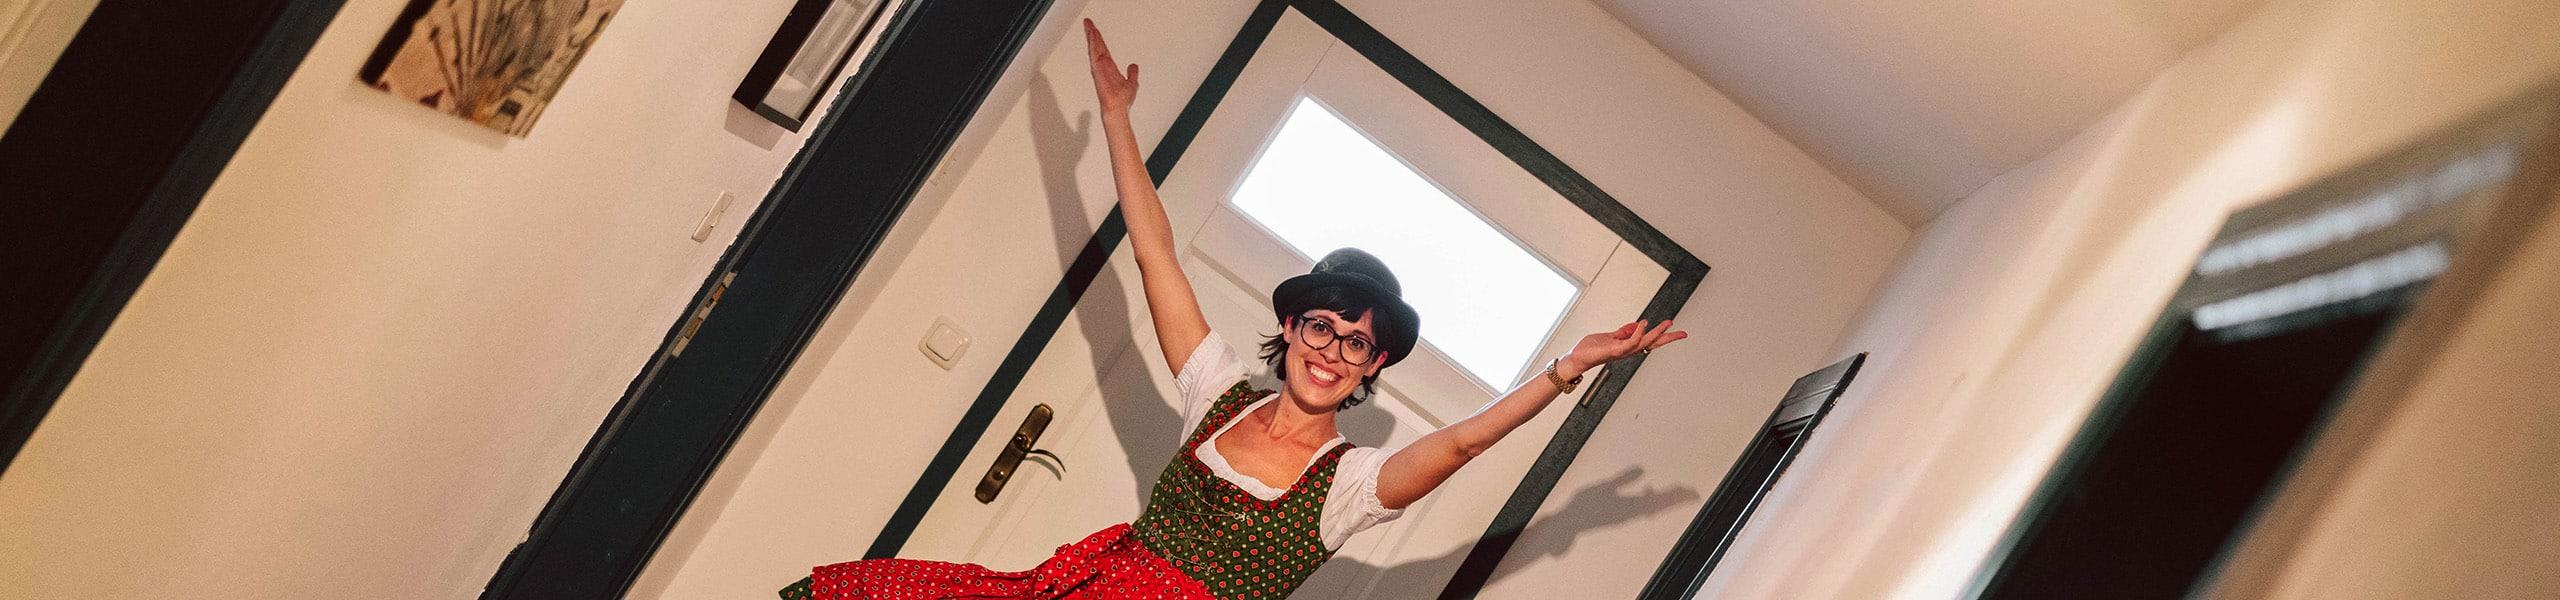 Kabarettistin Eva Karl-Faltermeier